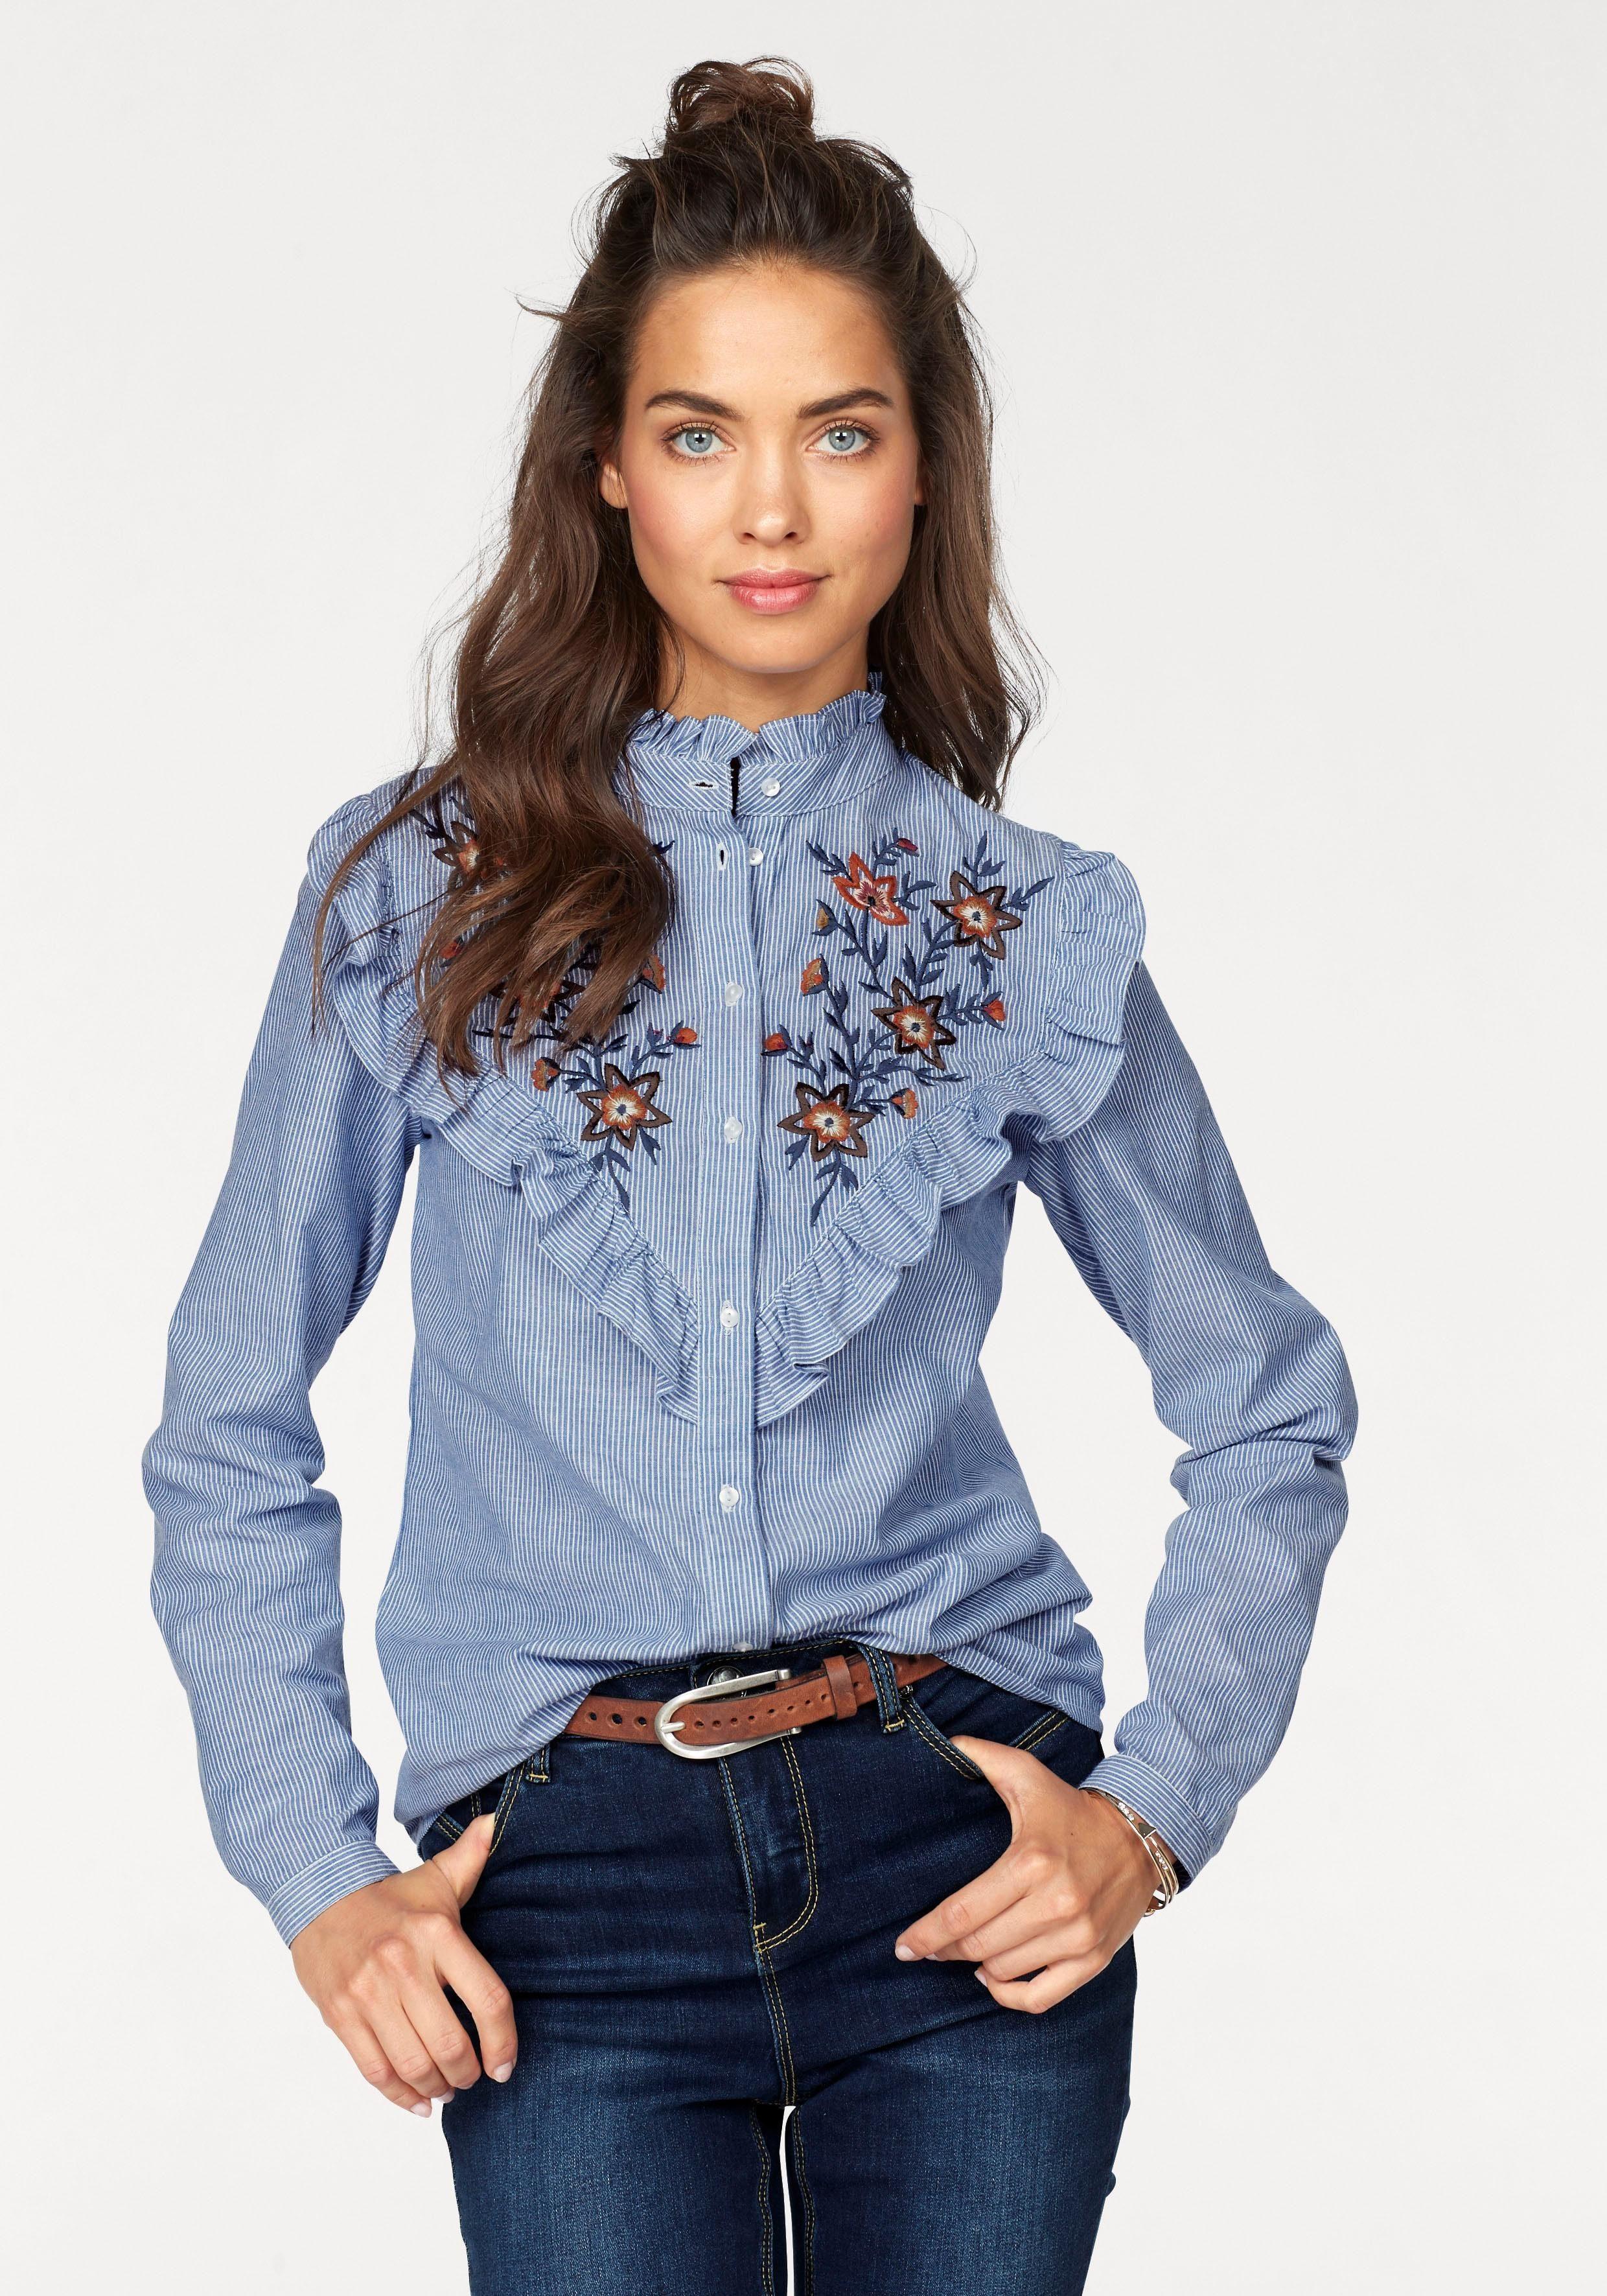 Kleidung & Accessoires Damenmode Rüschenbluse